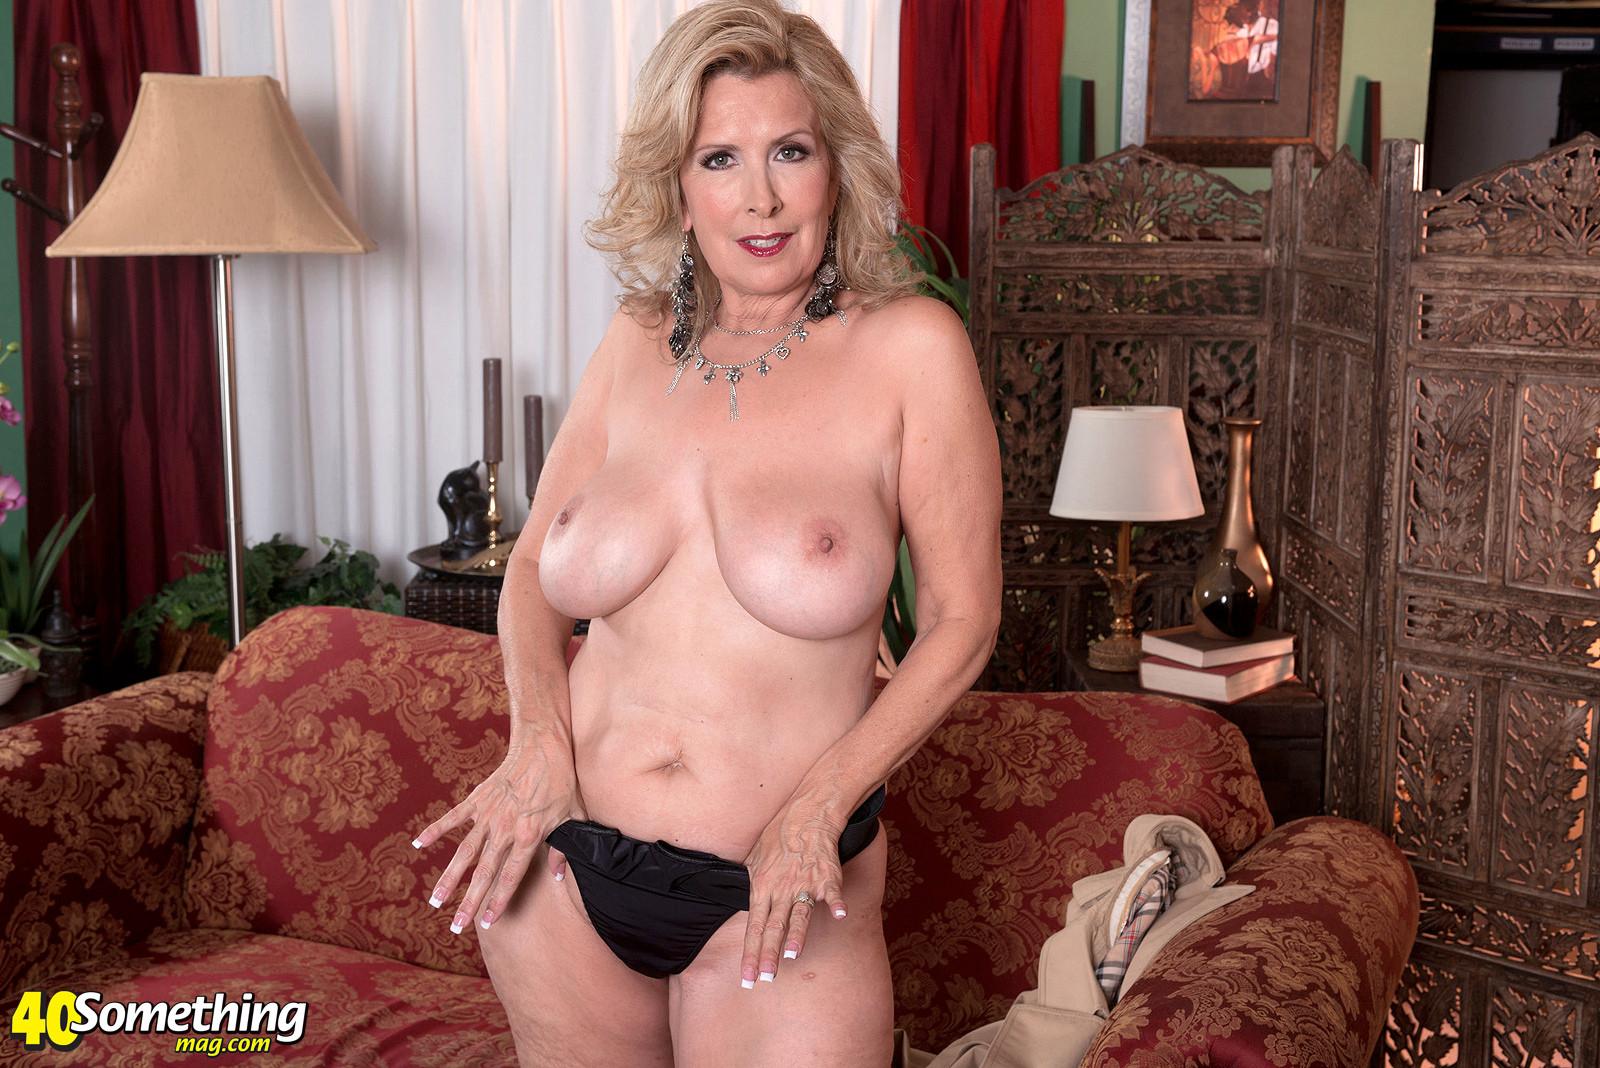 Фото крутых зрелых, Домашнее порно фото со зрелыми, голые бабы 11 фотография